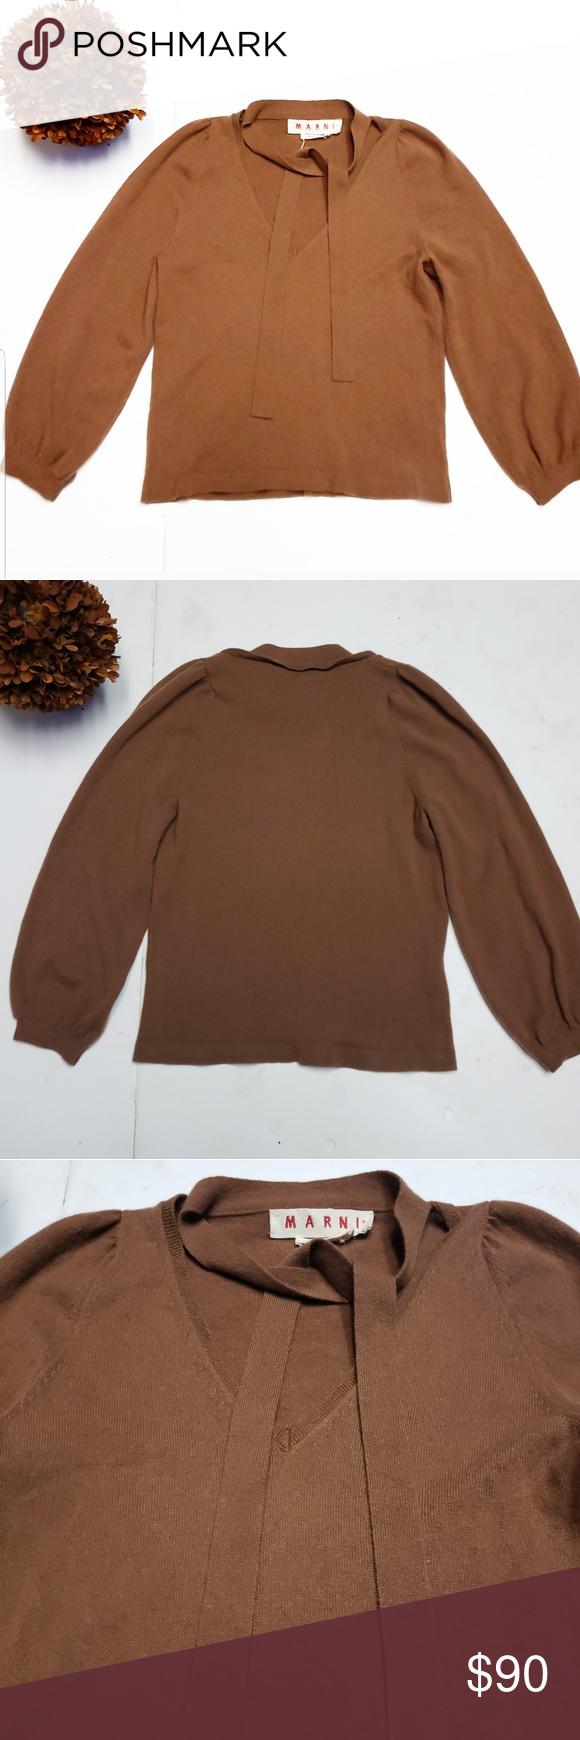 b3b190068b8 🎉MARNI Cashmere Brown Puff Crepe Style Sweater🎉 🎉MARNI Brown Puff ...